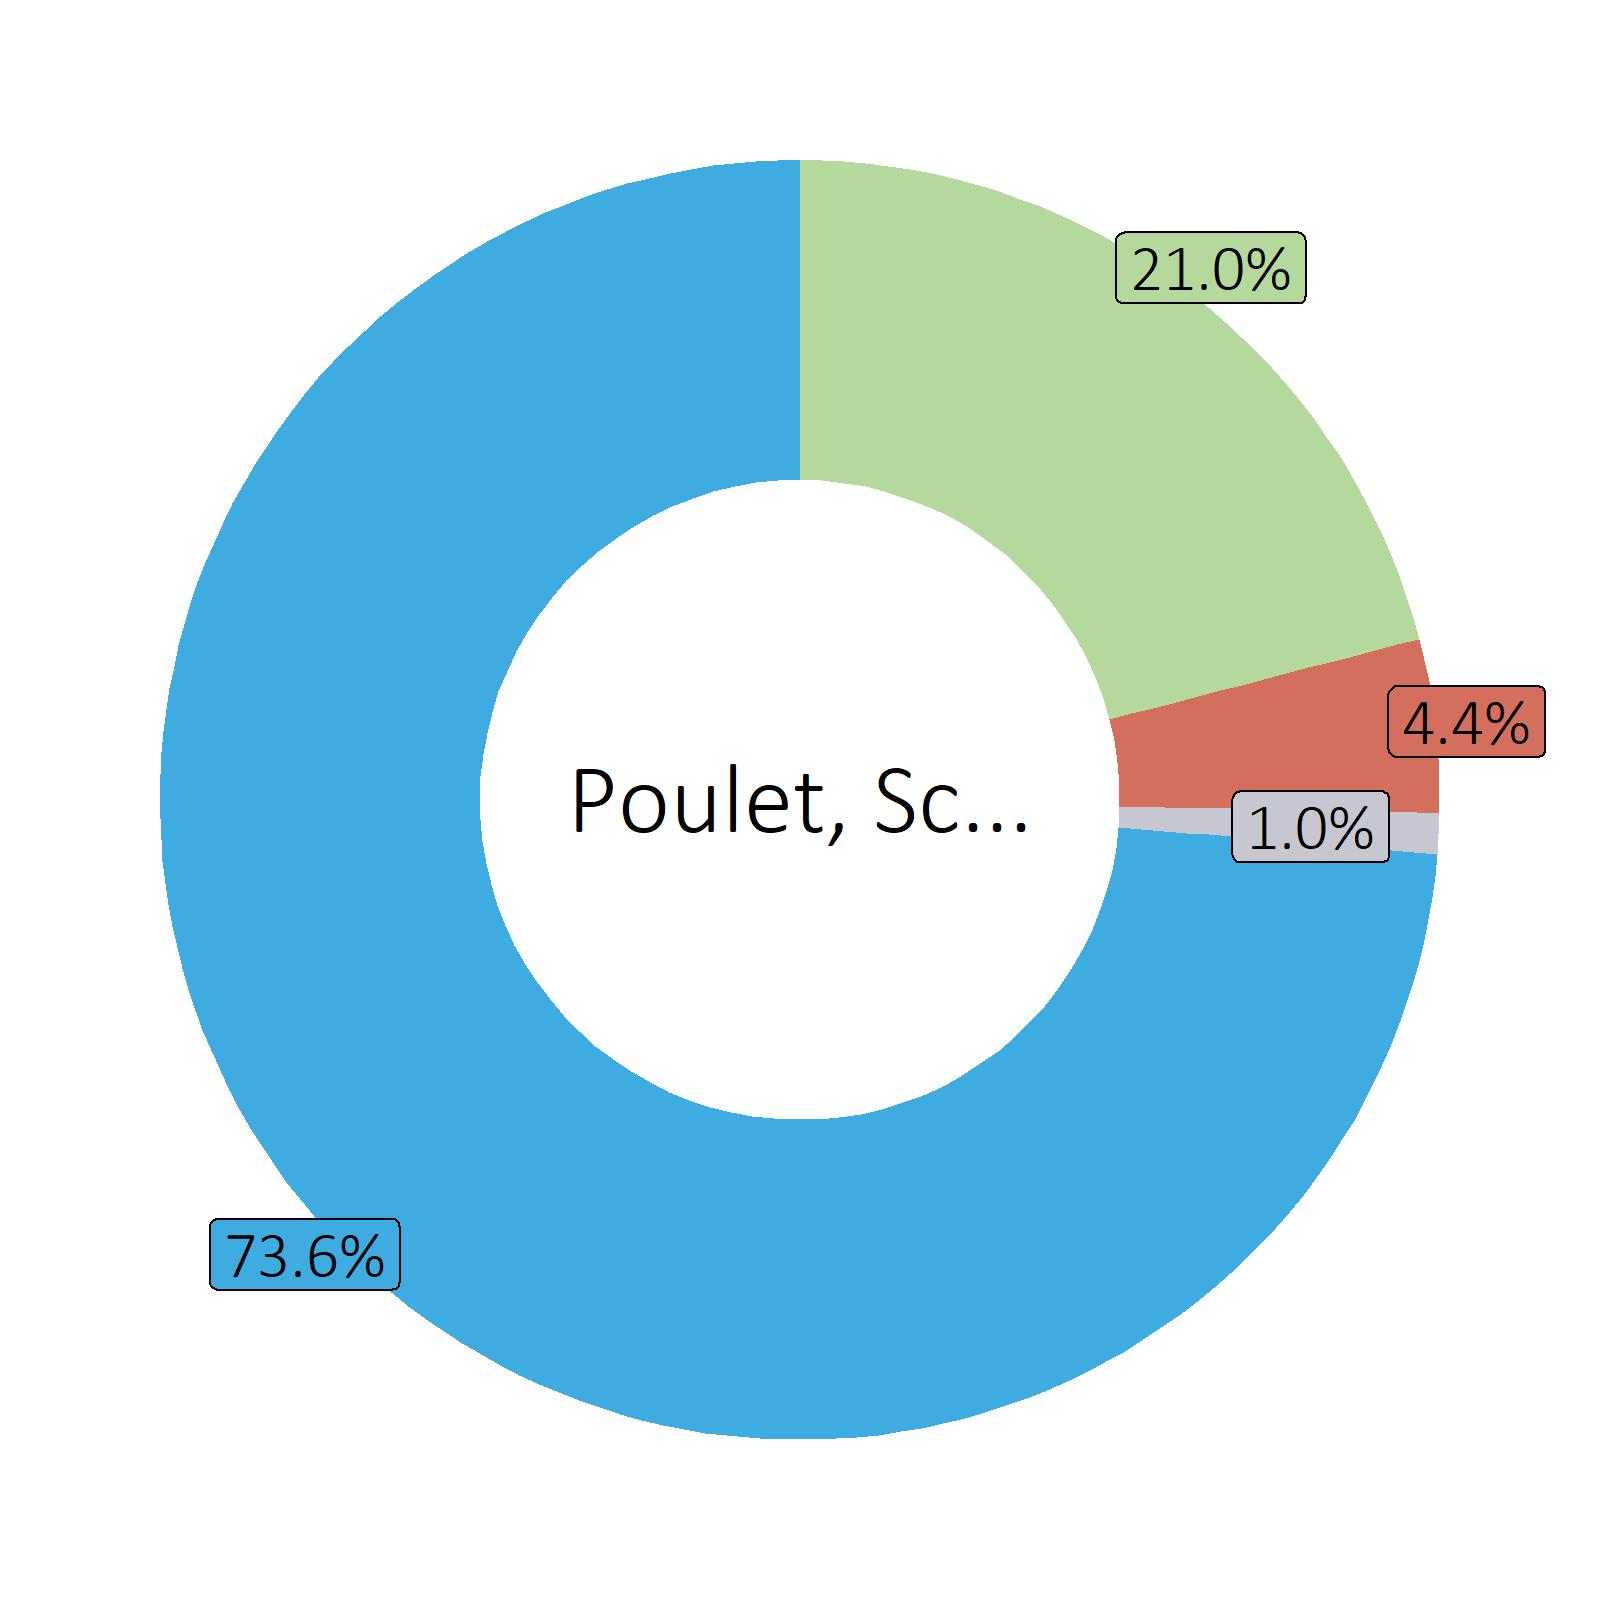 Bestandteile Poulet, Schenkel, ohne Haut (Frankreich)